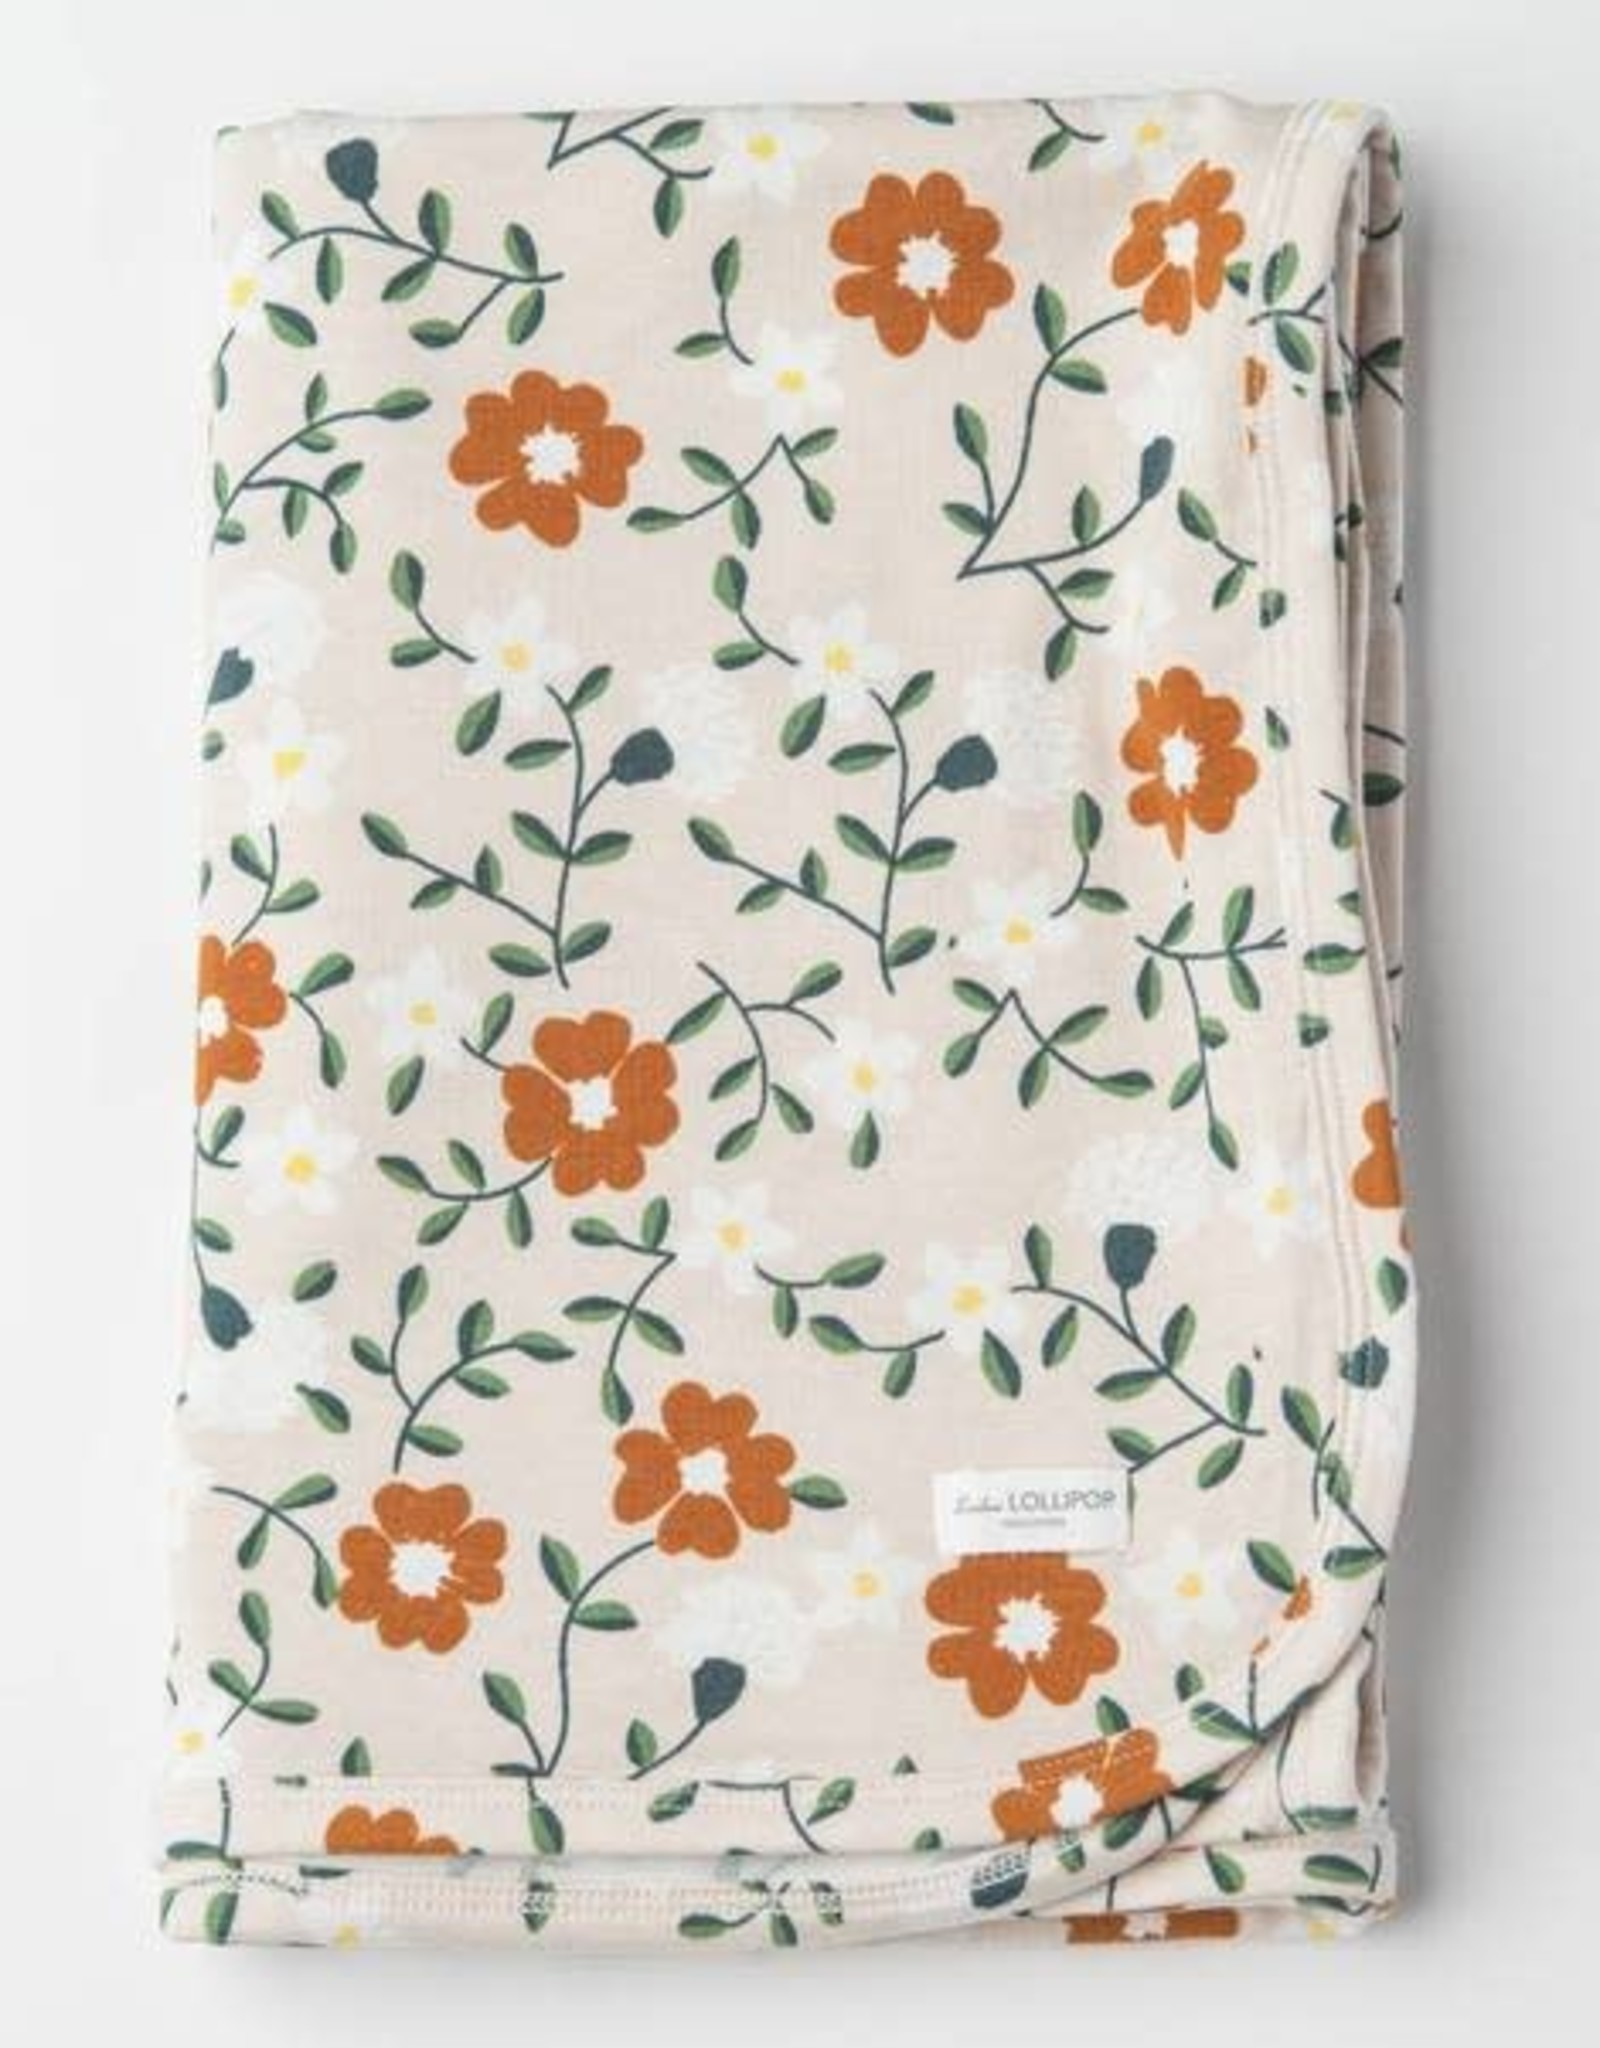 Loulou Lollipop Stretch Blanket in TENCEL - Flower Vine